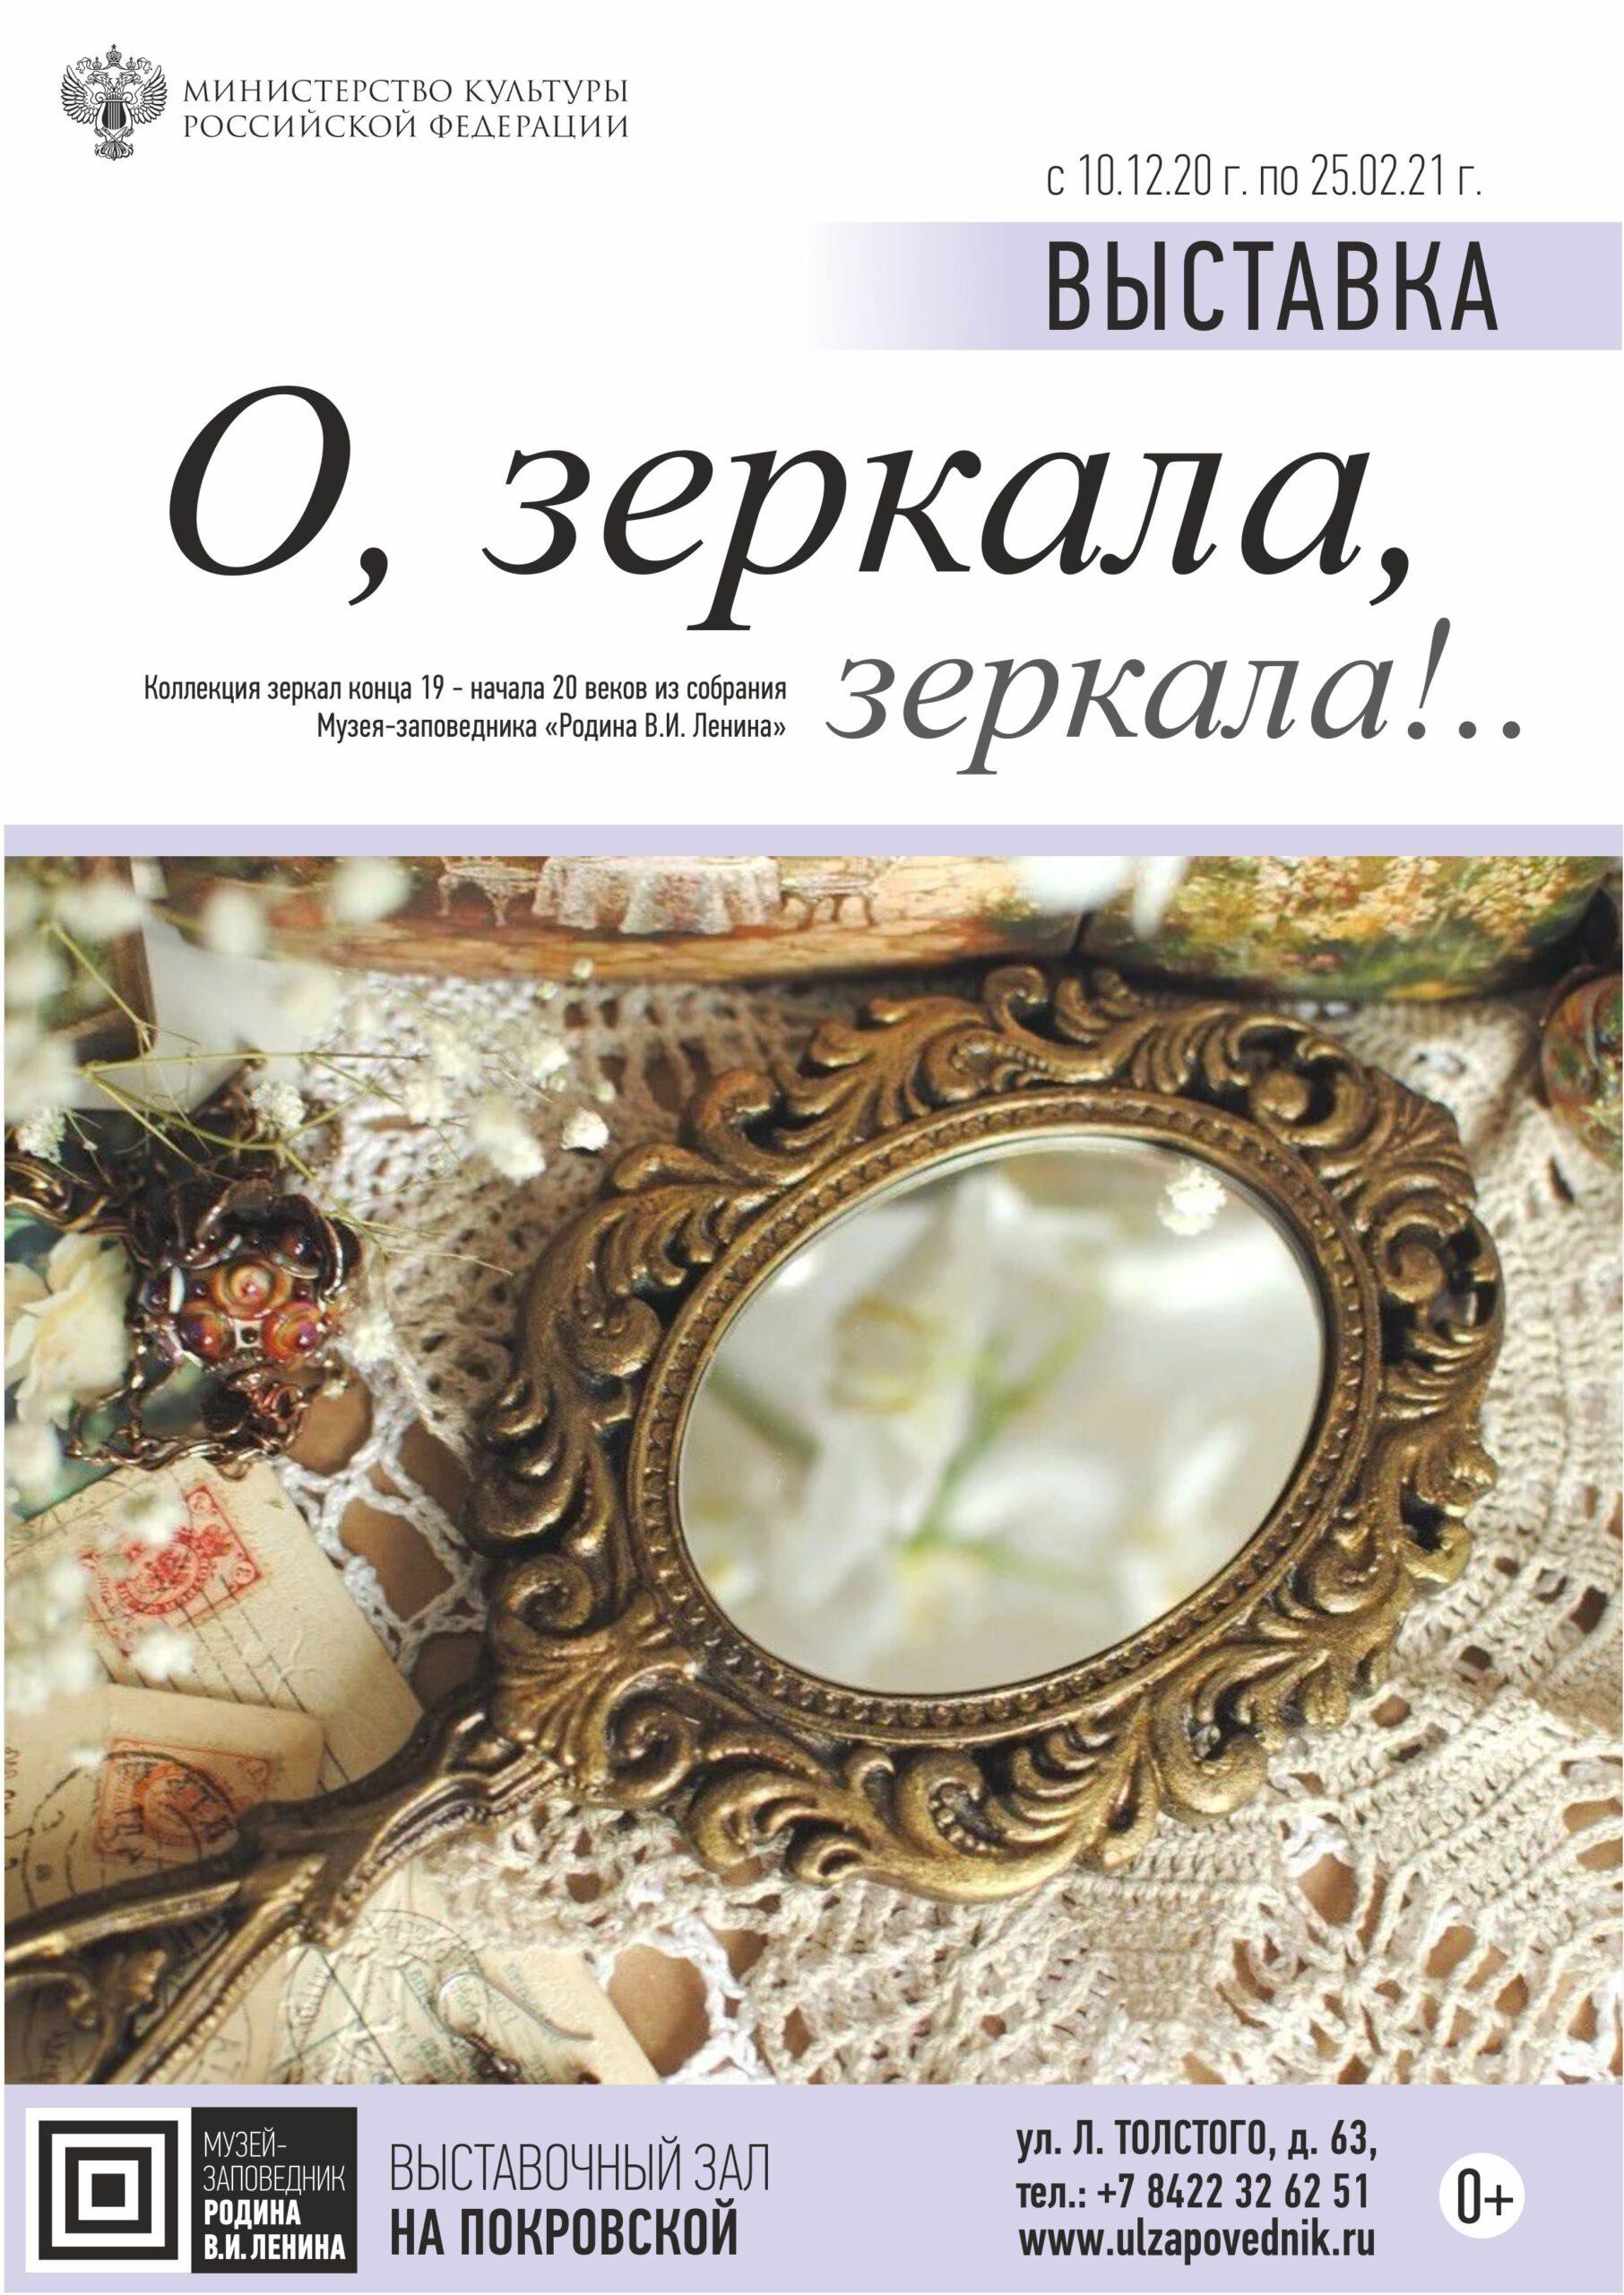 Выставка «О, зеркала, зеркала!..» @ в Выставочном зале «На Покровской» (ул. Льва Толстого, д. 63)